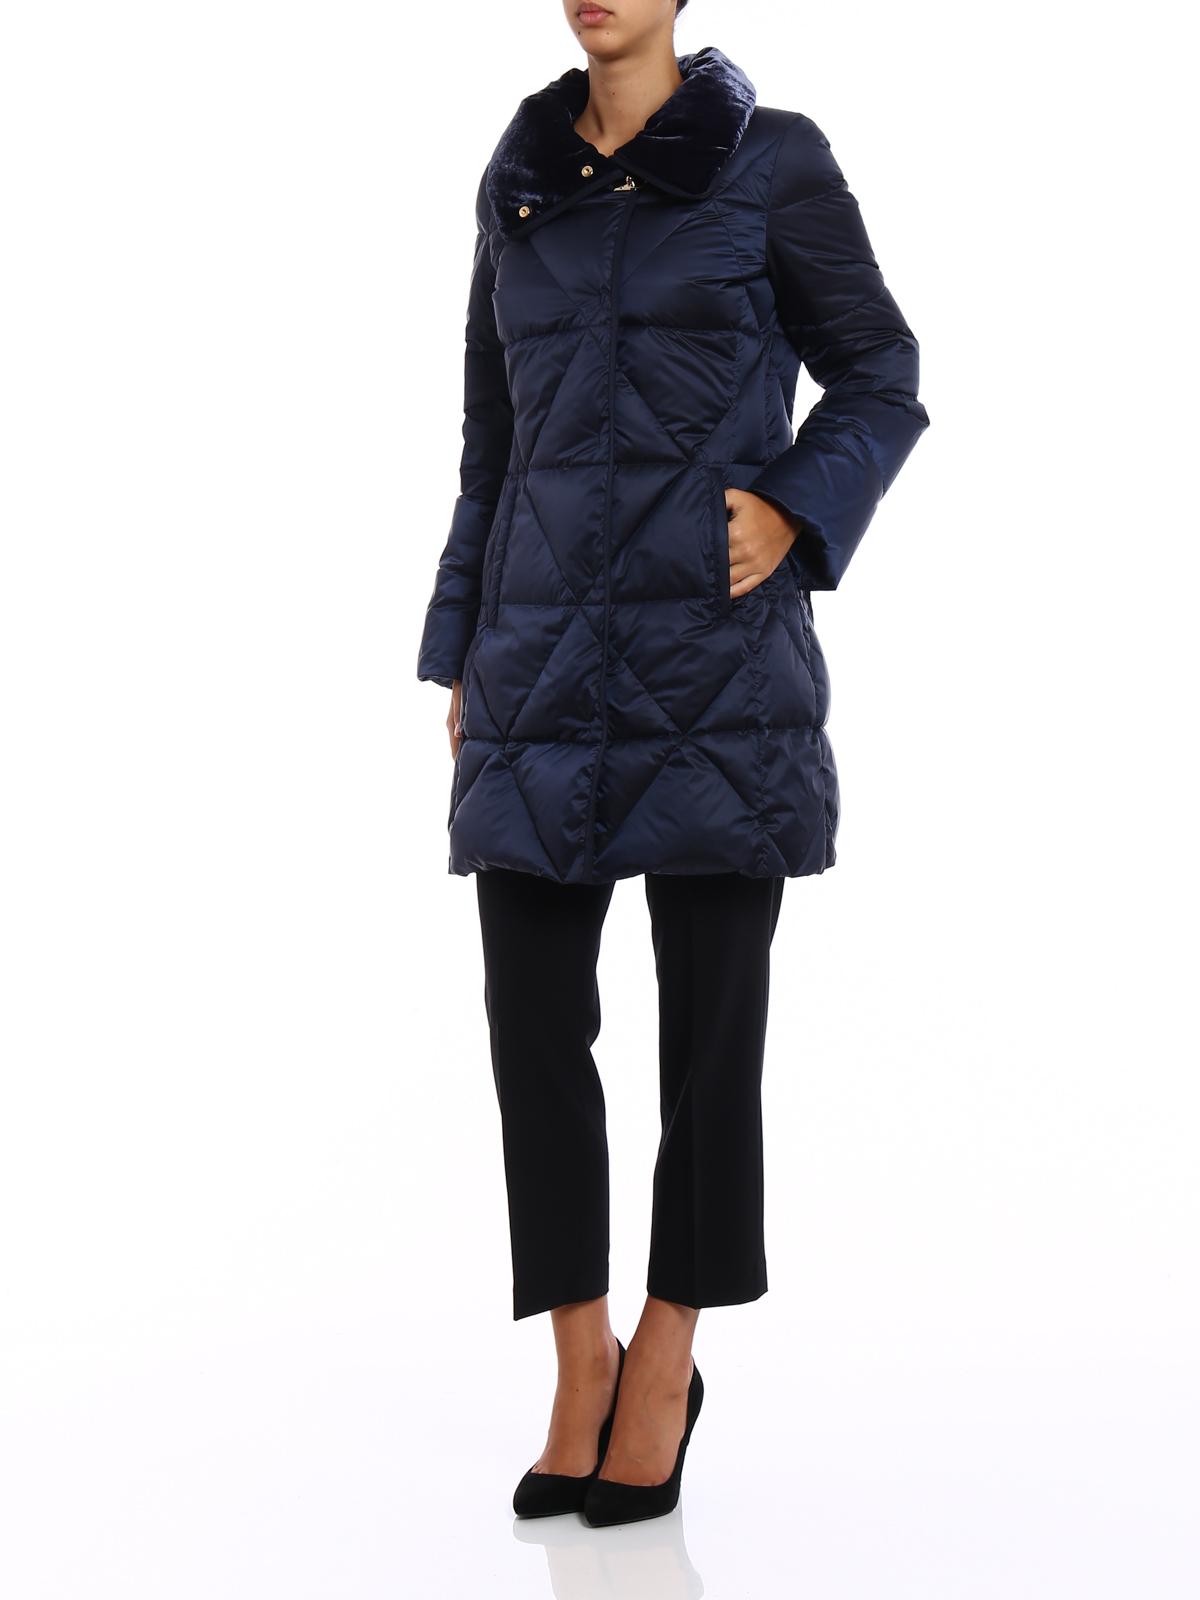 Fay clothes online shop